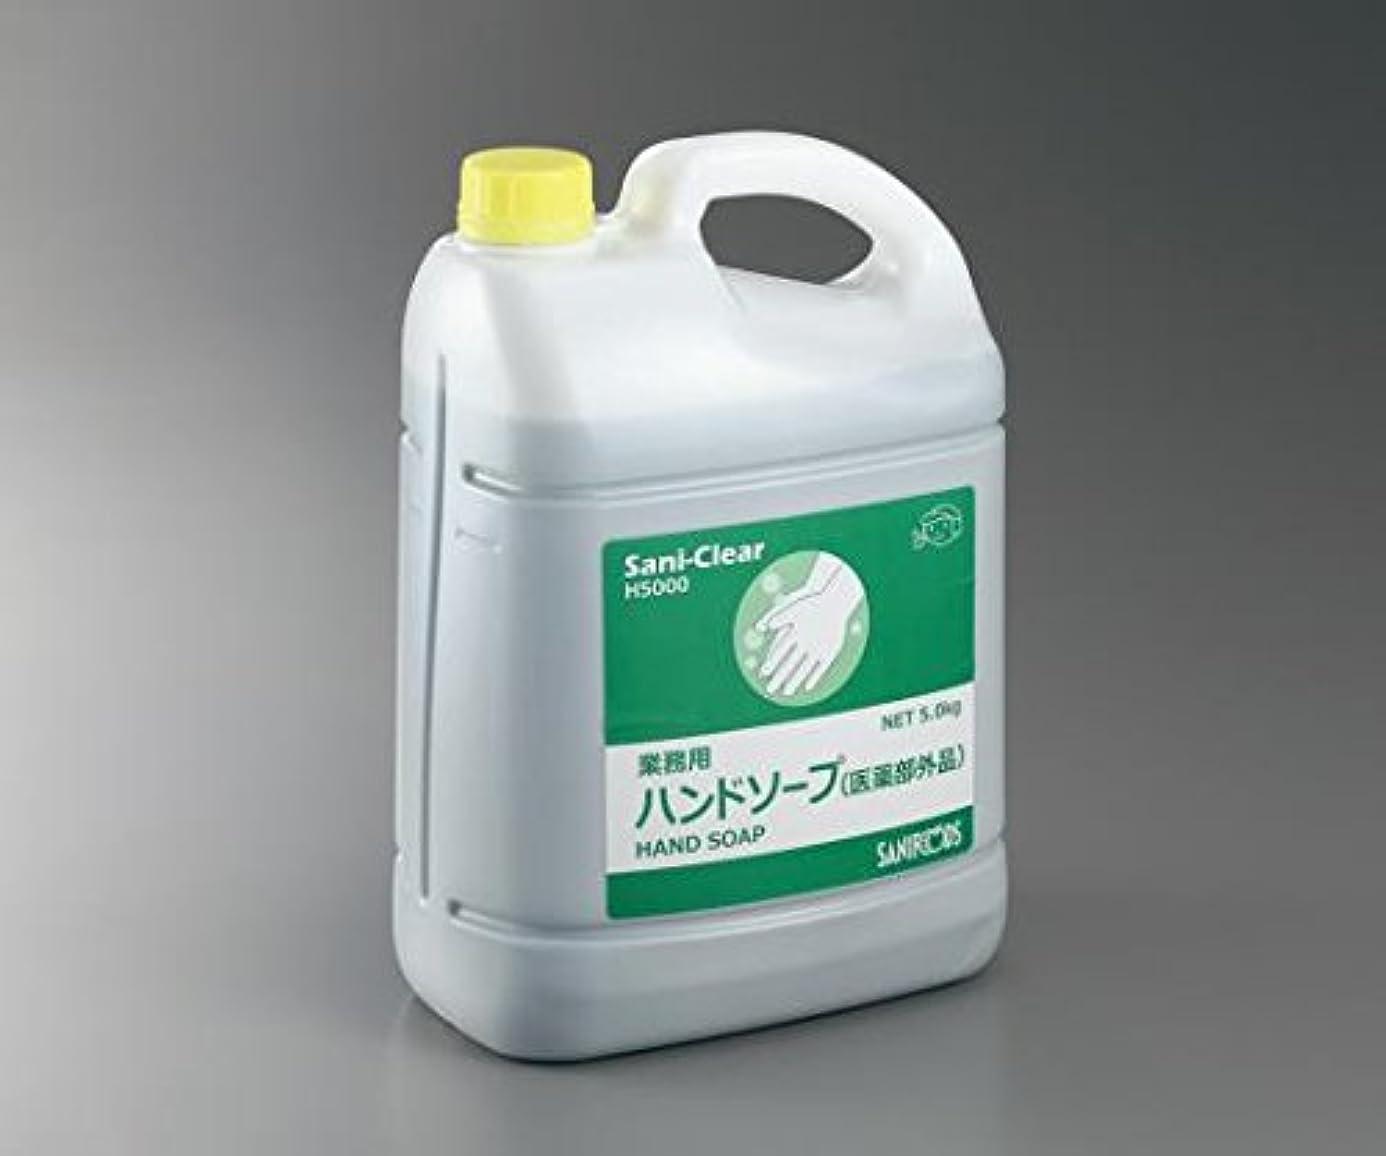 まもなくライオネルグリーンストリート分析的なアズワン3-5378-12業務用薬用ハンドソープSani-Clear(サニクリア)無香料5kg3本入フォームディスペンサ付き